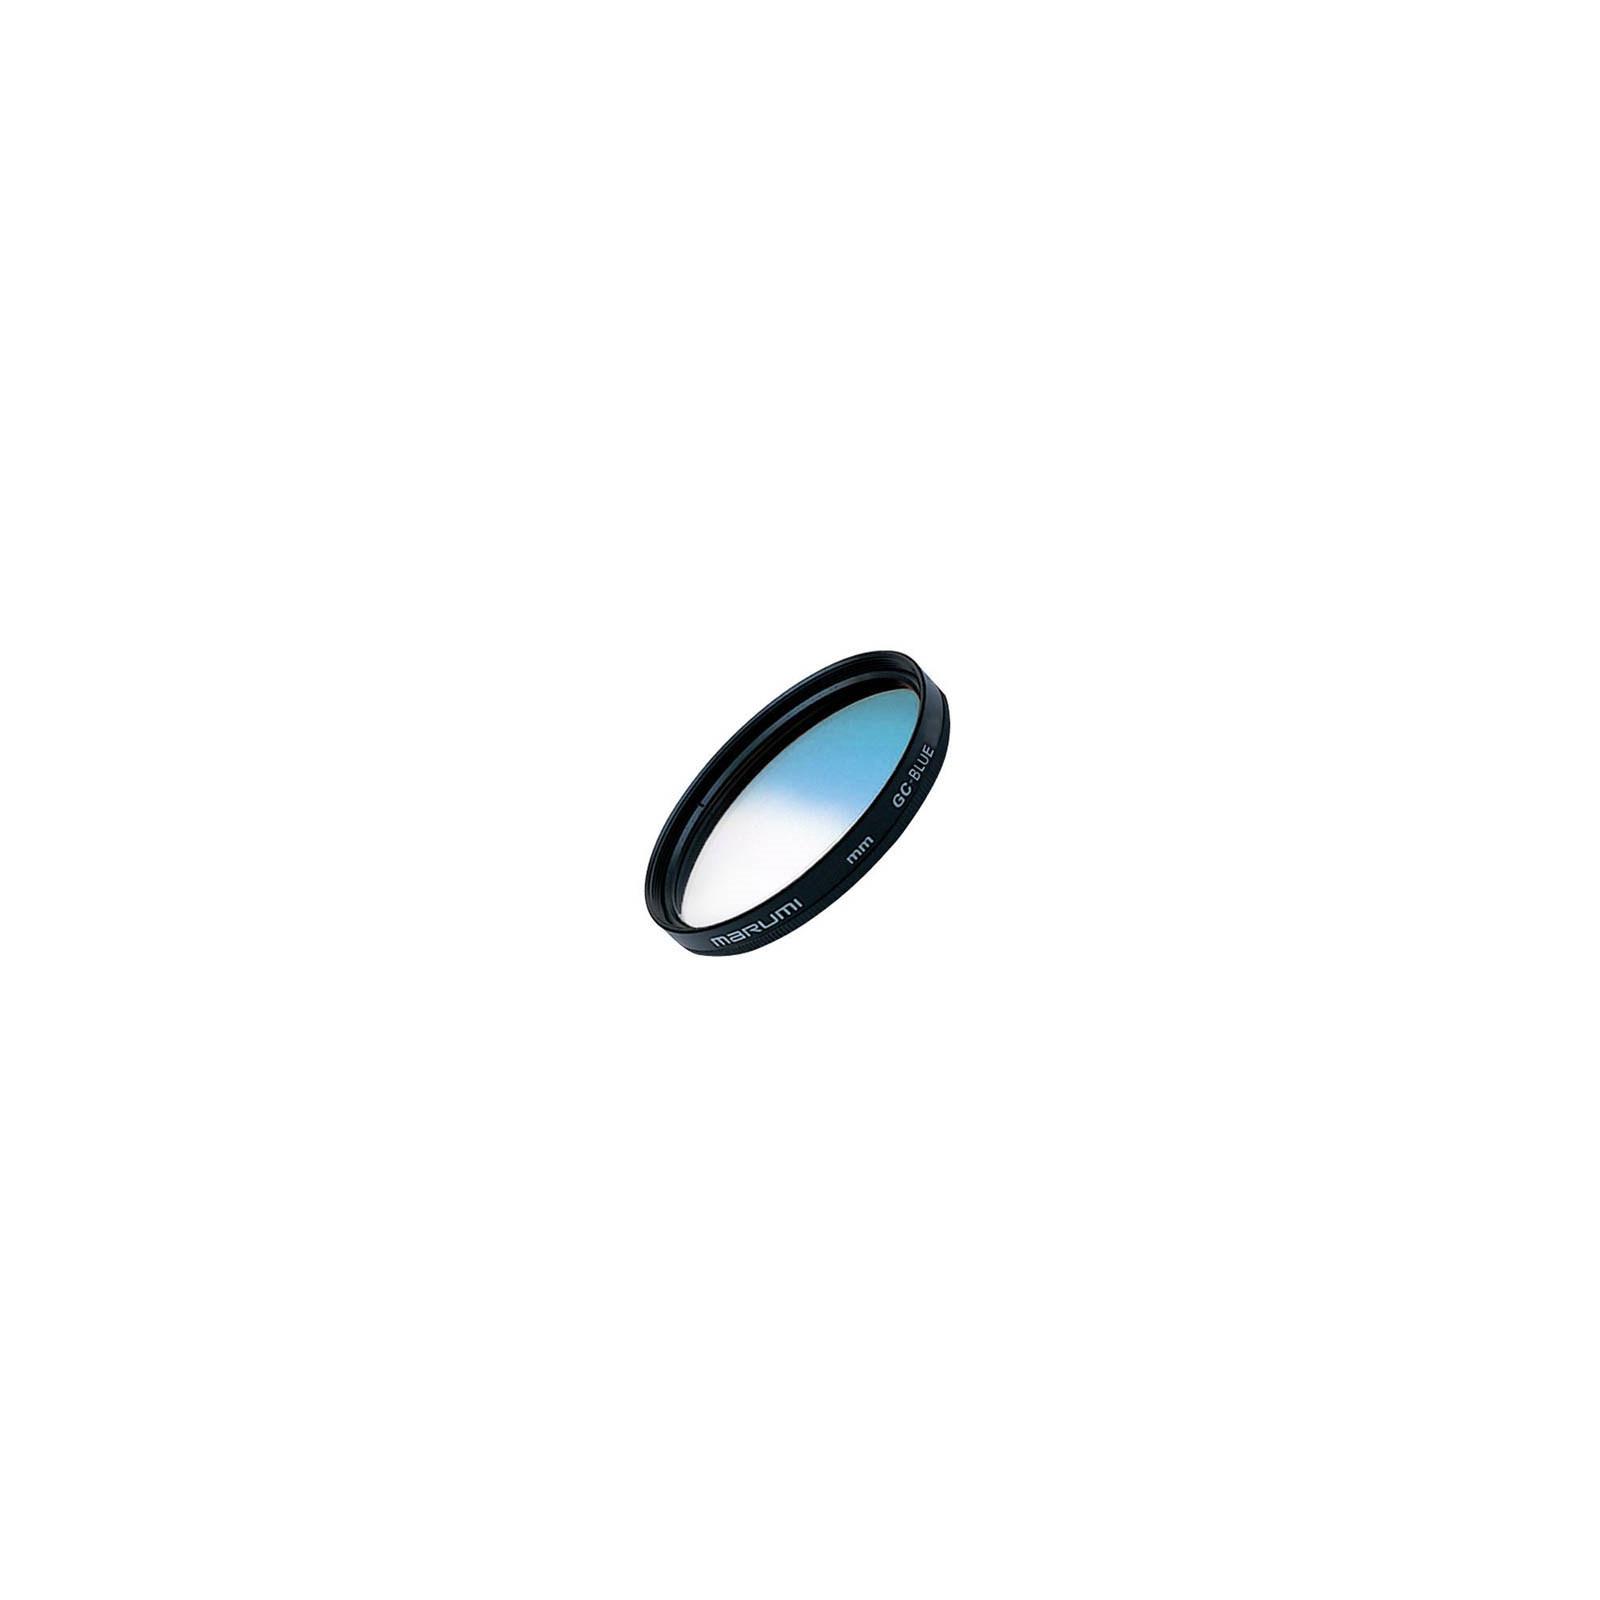 Светофильтр Marumi GC-Blue 62mm